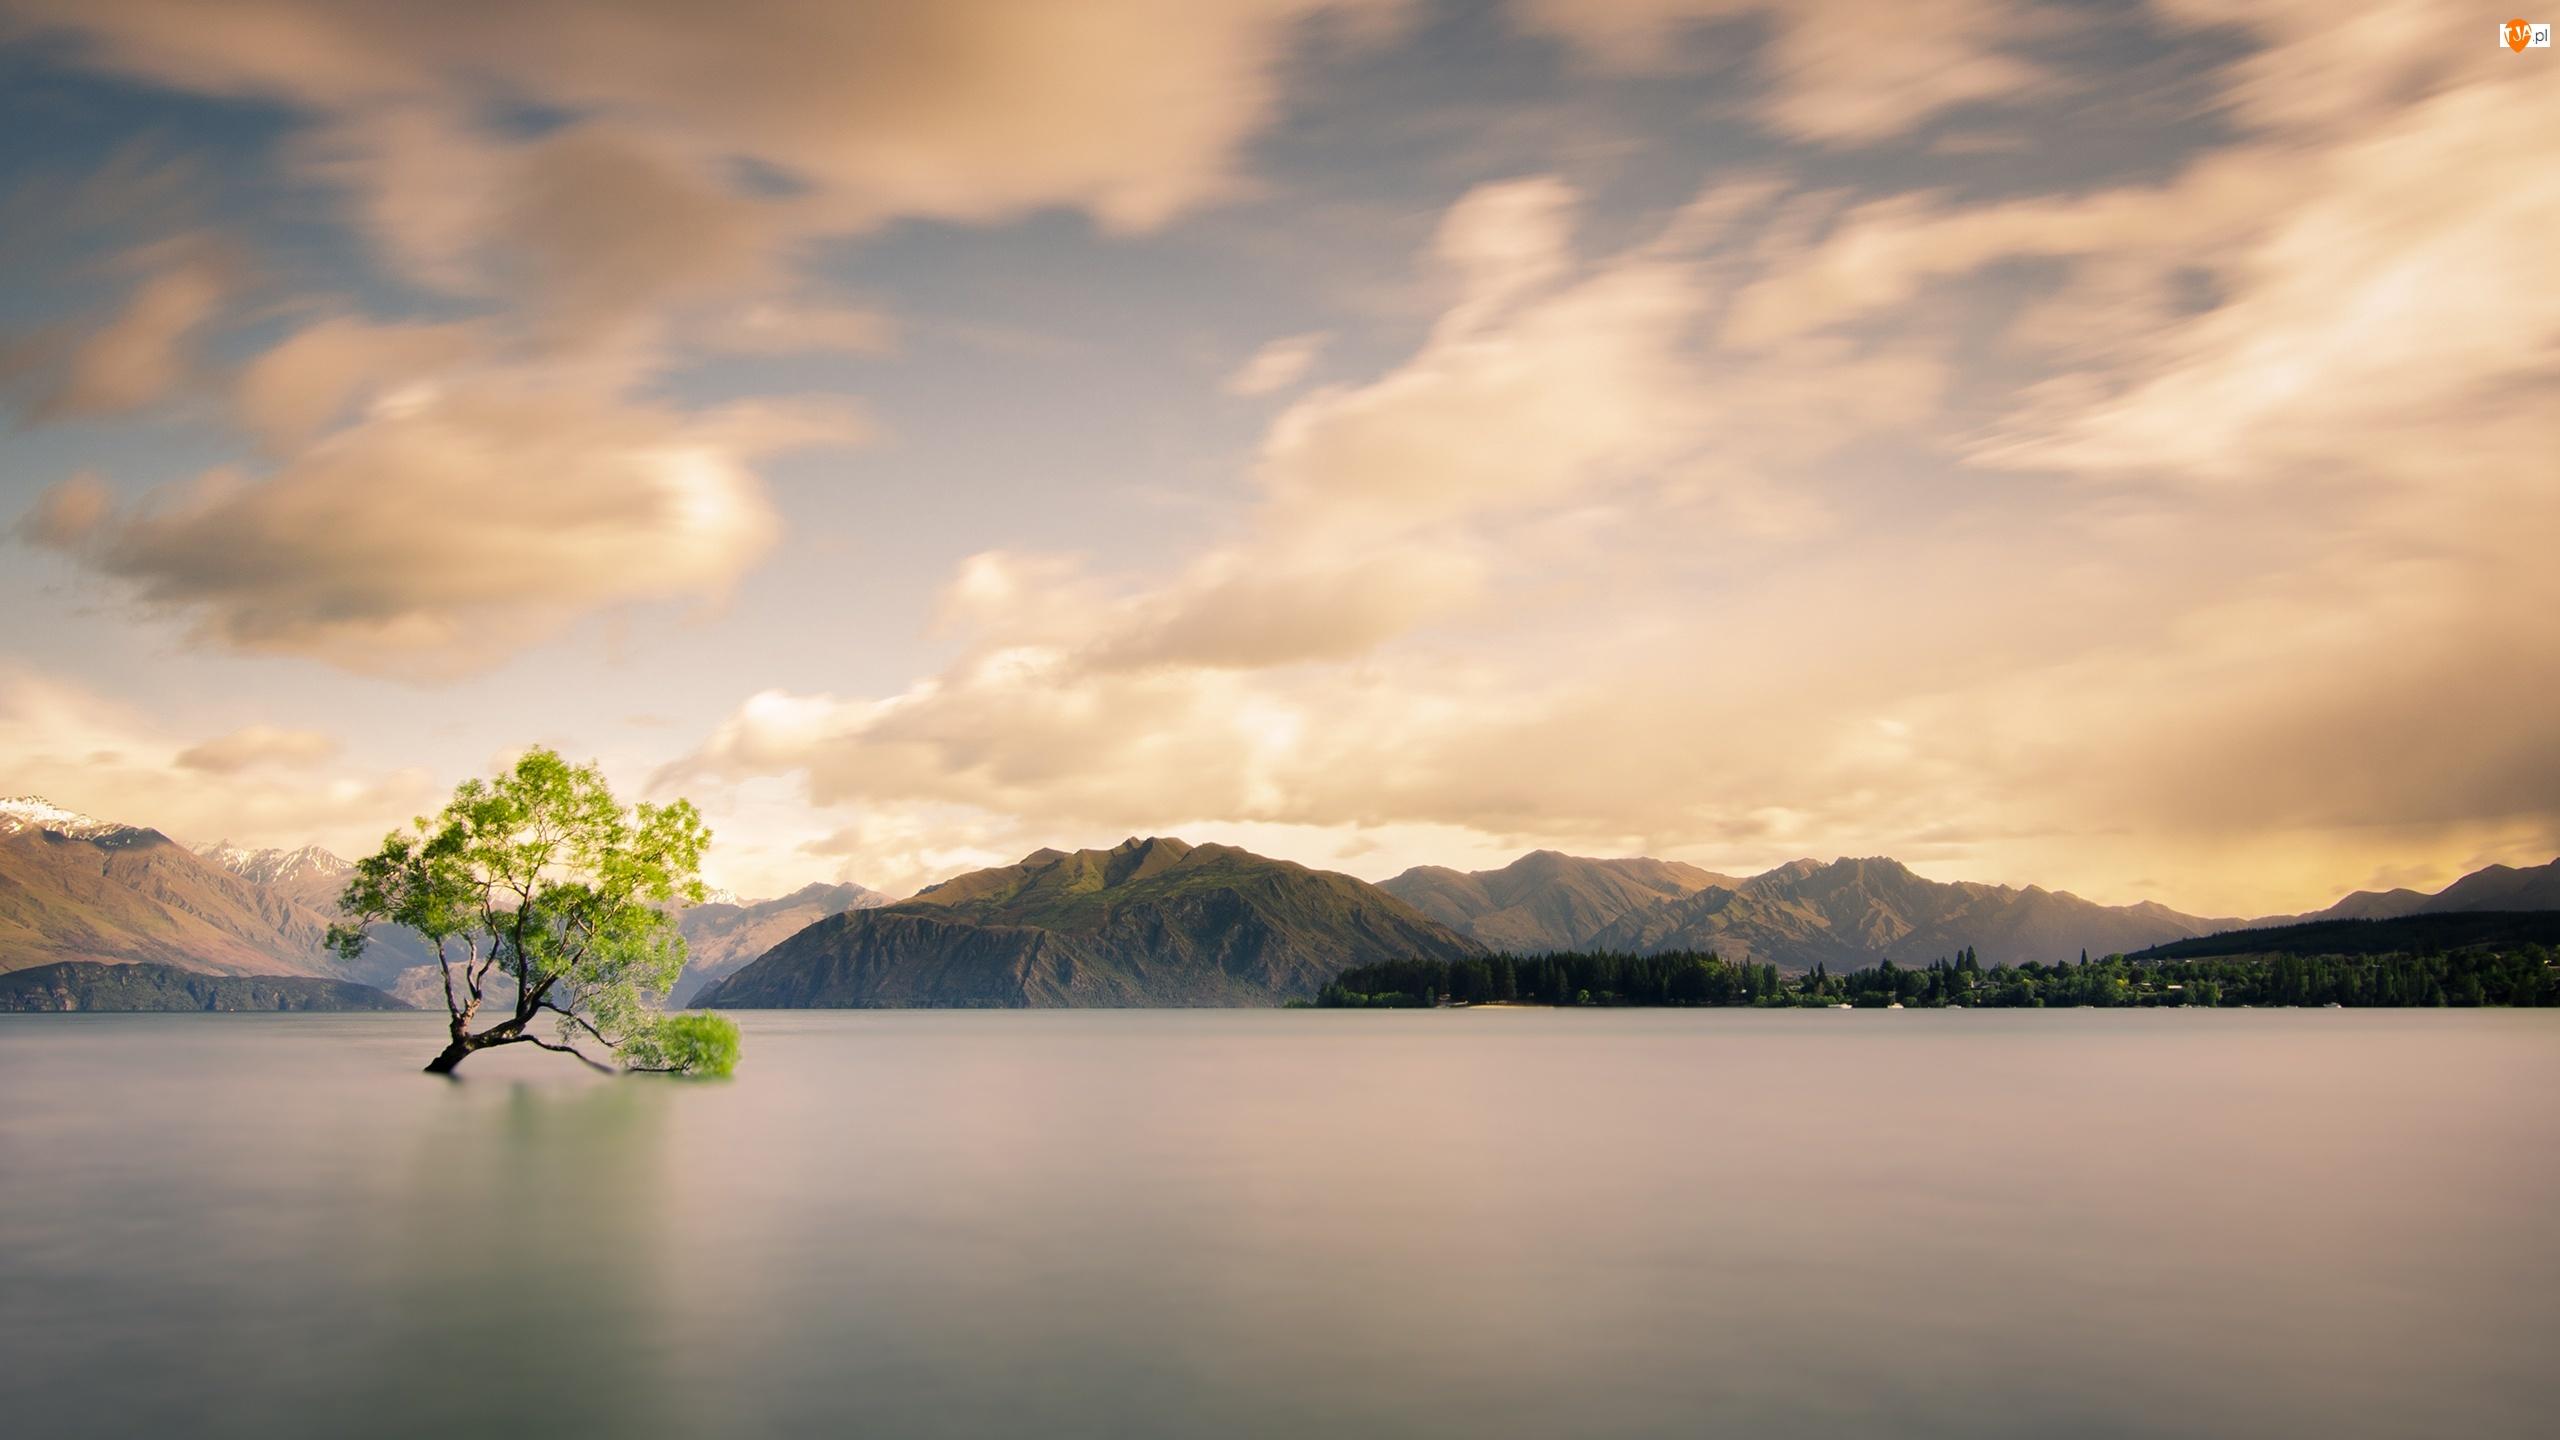 Niebo, Góry, Drzewo, Jezioro, Chmury